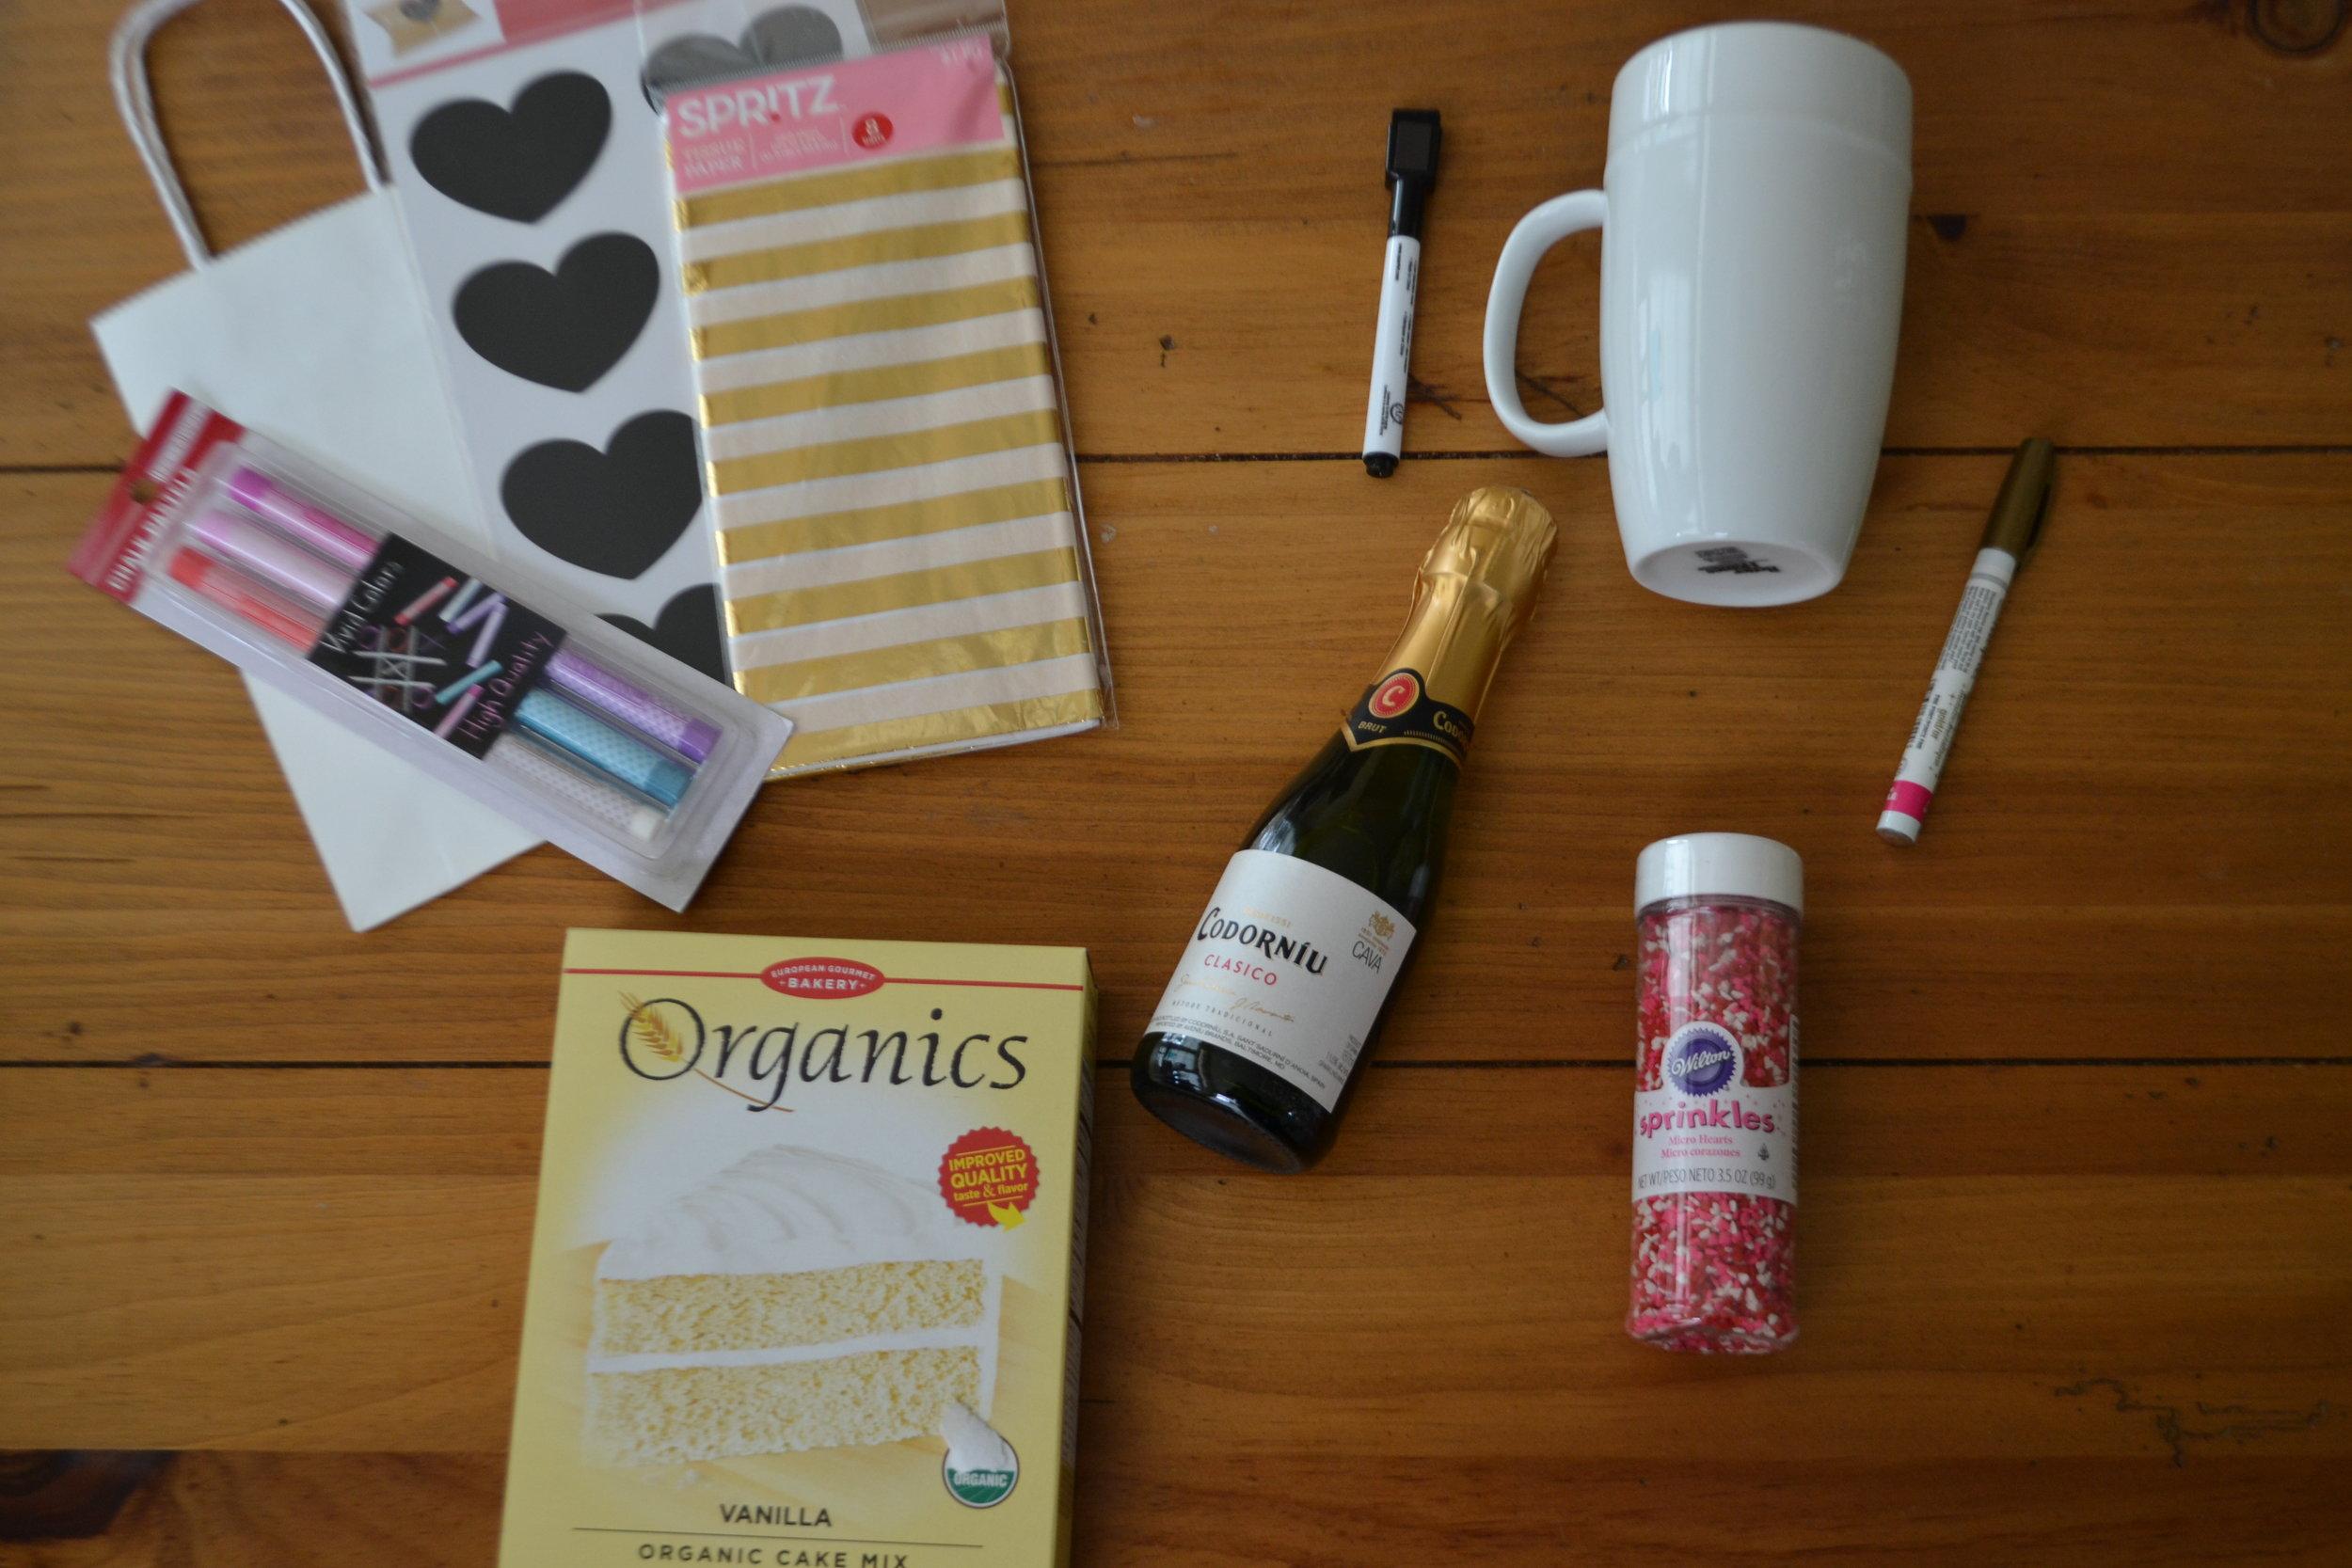 Galentine's gift supplies